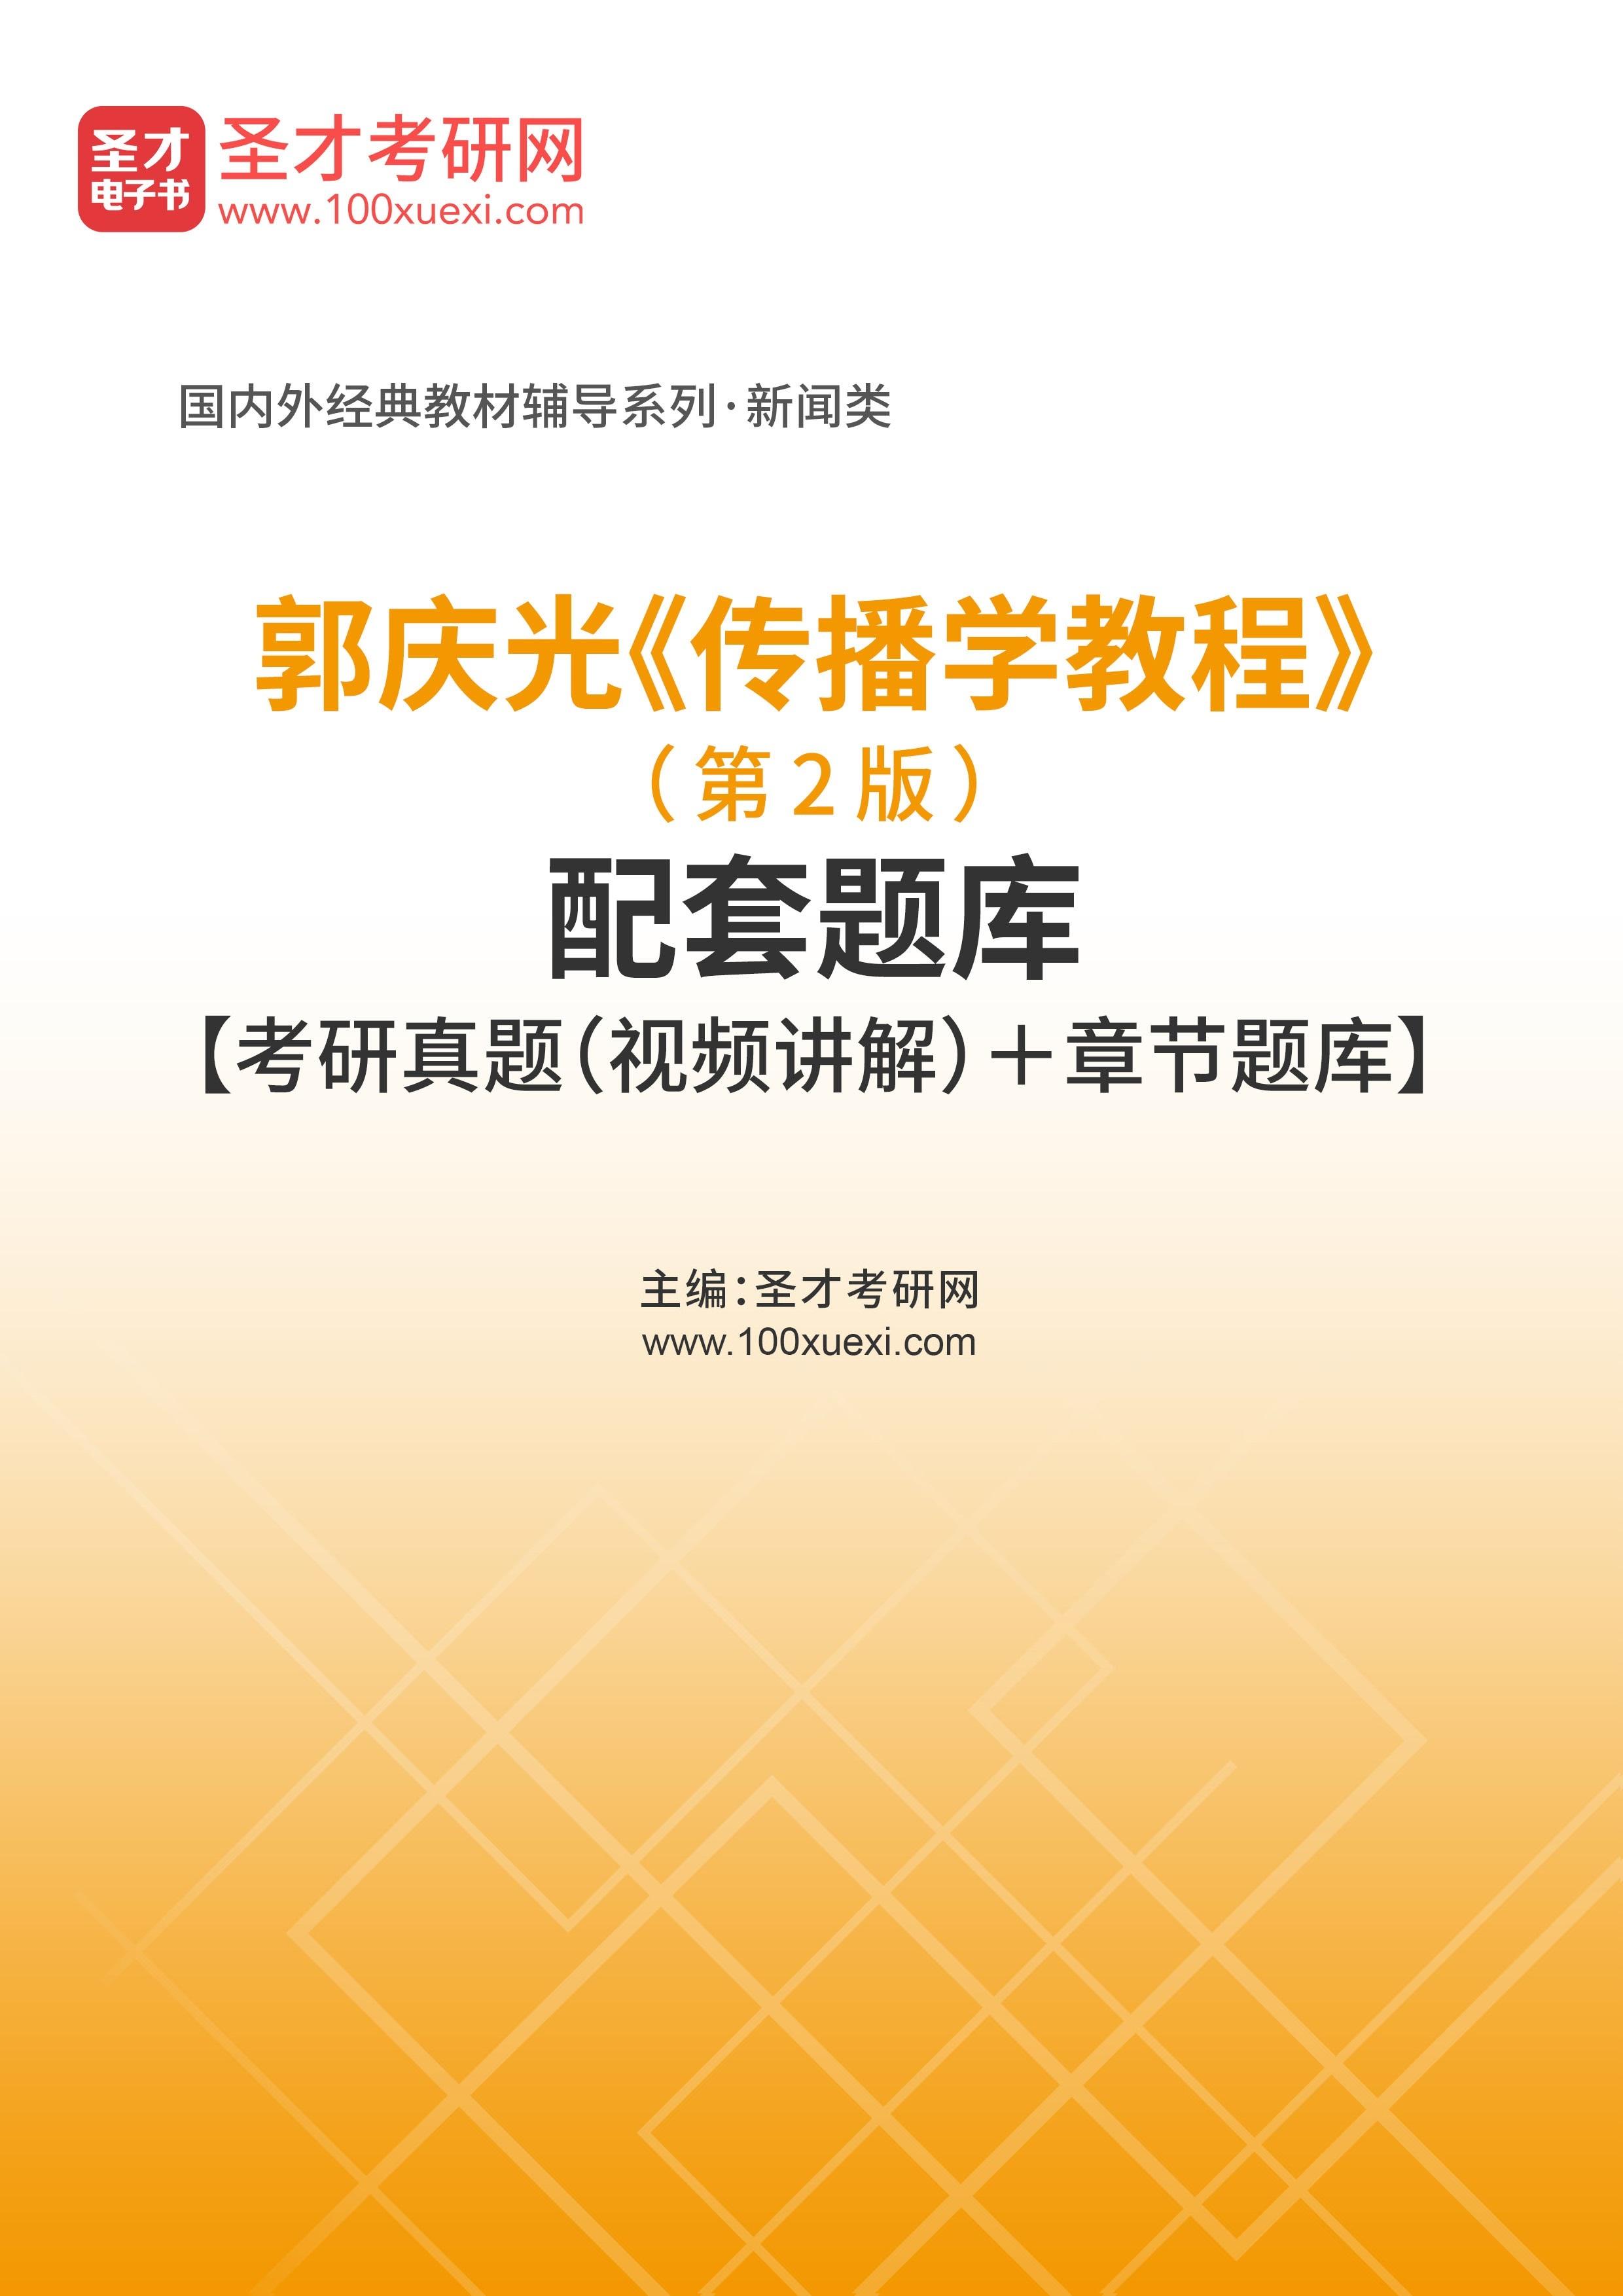 郭庆光《传播学教程》(第2版)配套题库【考研真题(视频讲解)+章节题库】